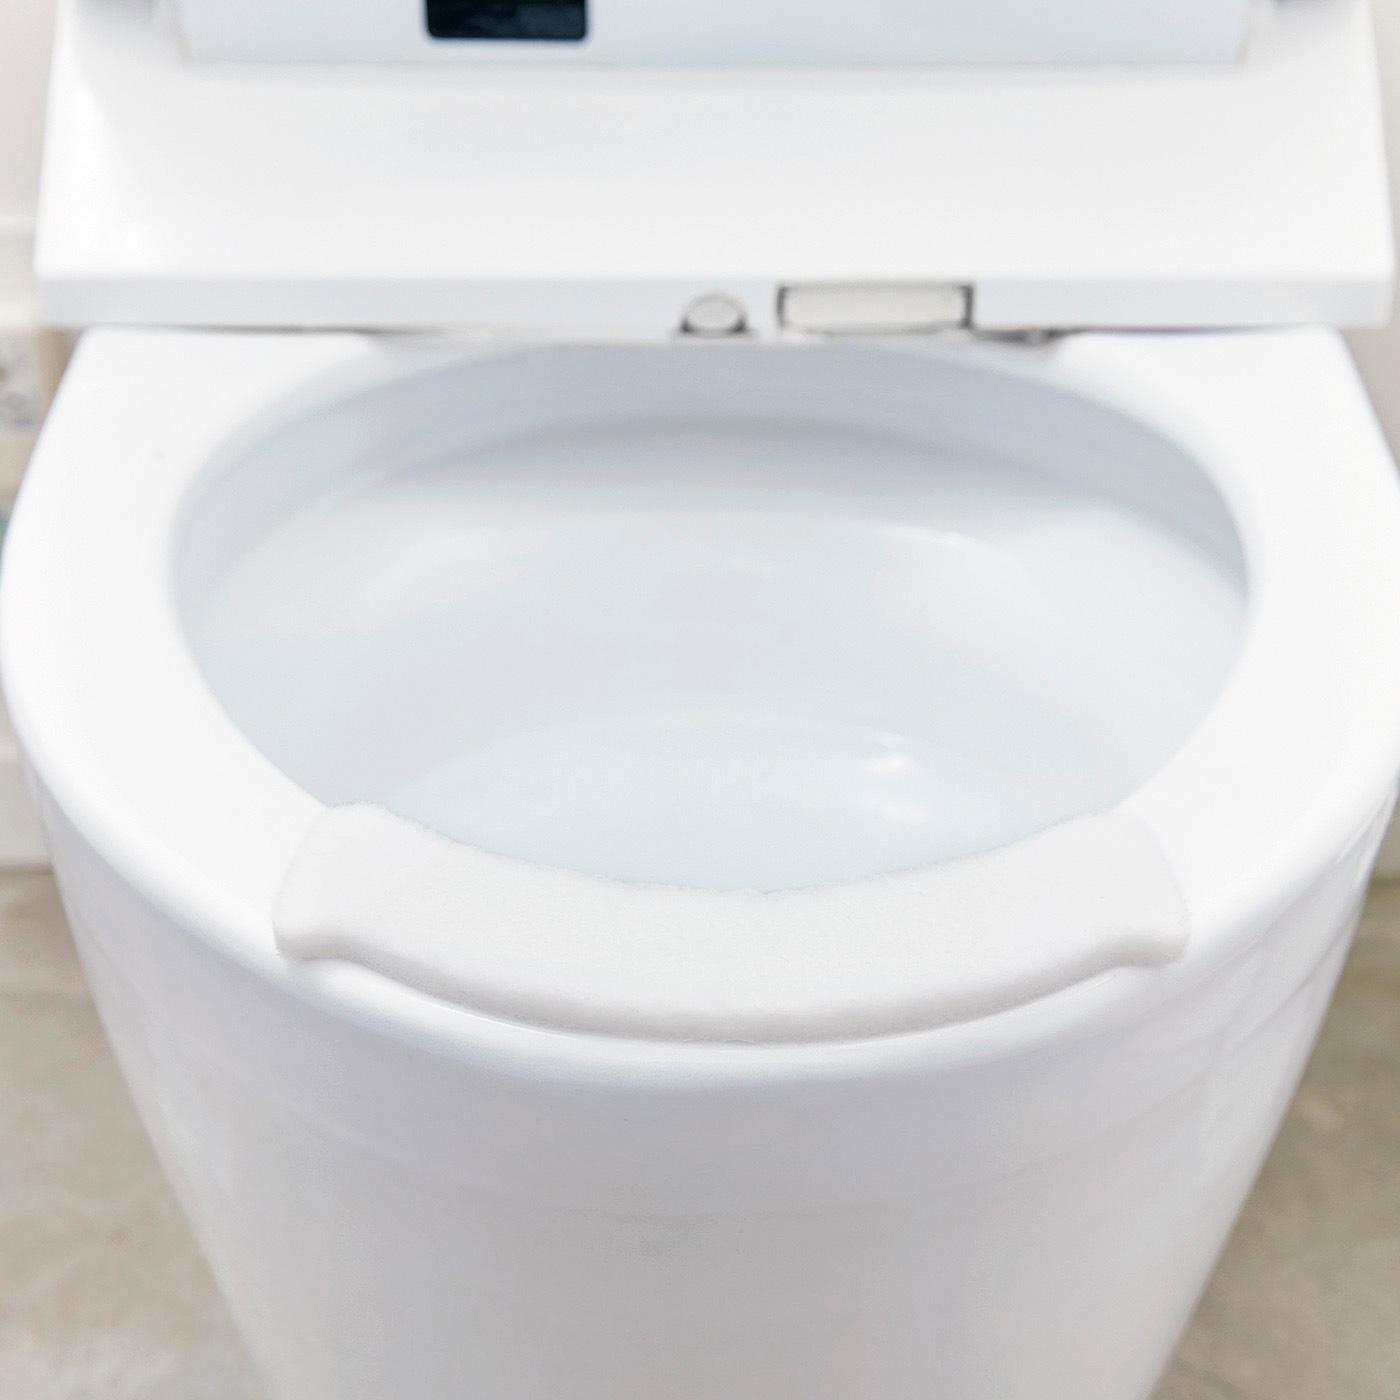 フェリシモ 貼るだけお掃除らくらく 便座すき間の尿はね吸収パッドの会【定期便】